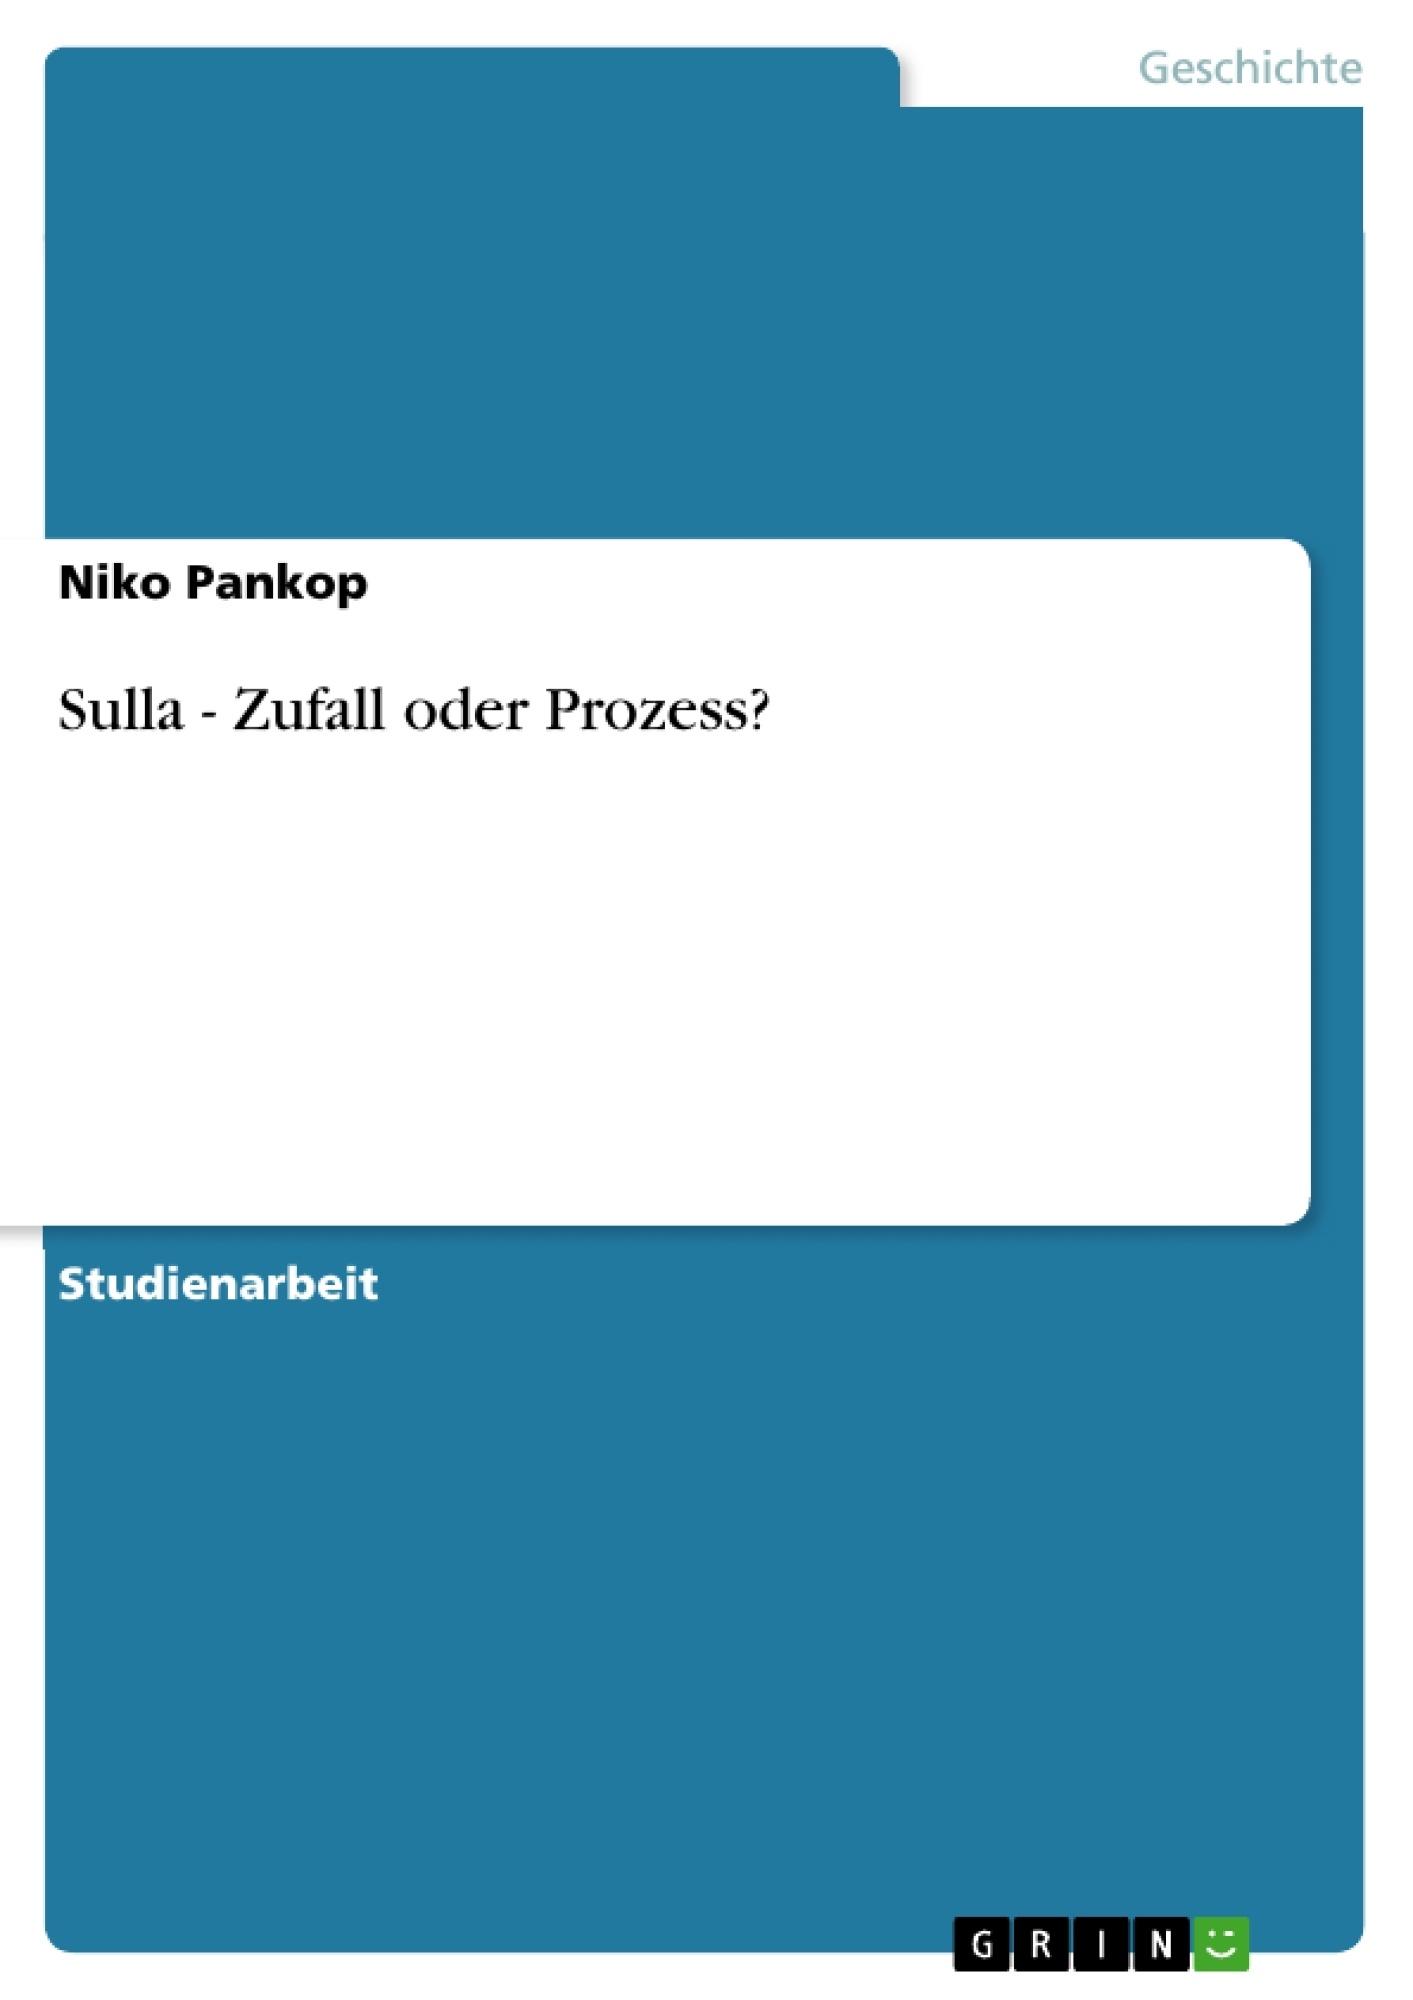 Titel: Sulla - Zufall oder Prozess?